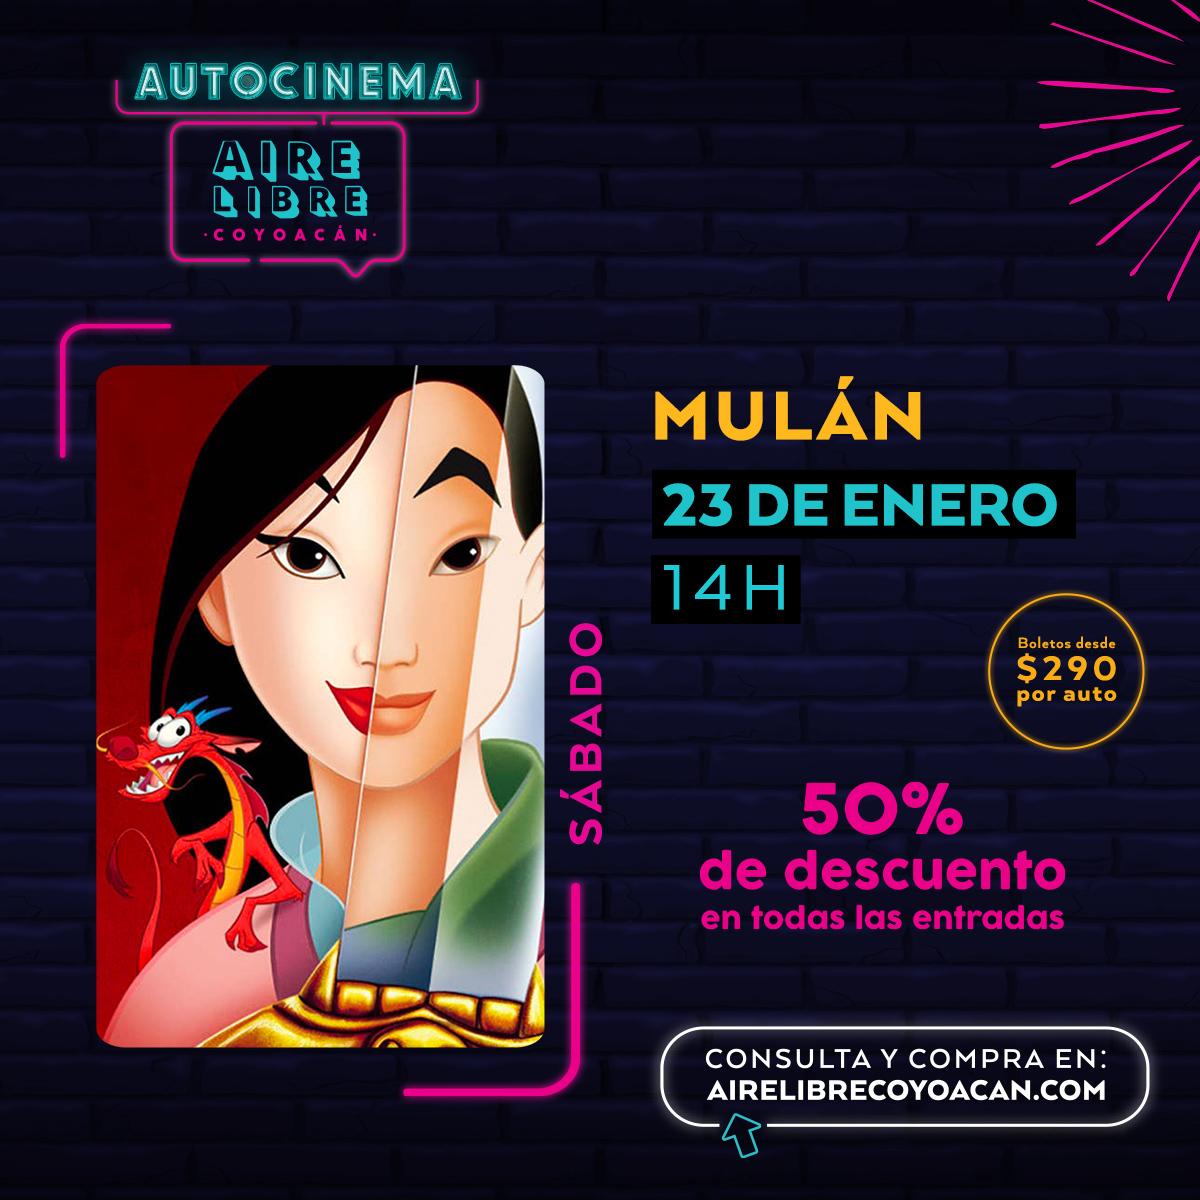 #Mulan y su espada llegan a luchar en #AutocinemaAireLibre. Trae a toda la familia y pasen un rato padrísimo con todas las medidas de #sanitizacion. Compra tus boletos con 50% de descuento aquí